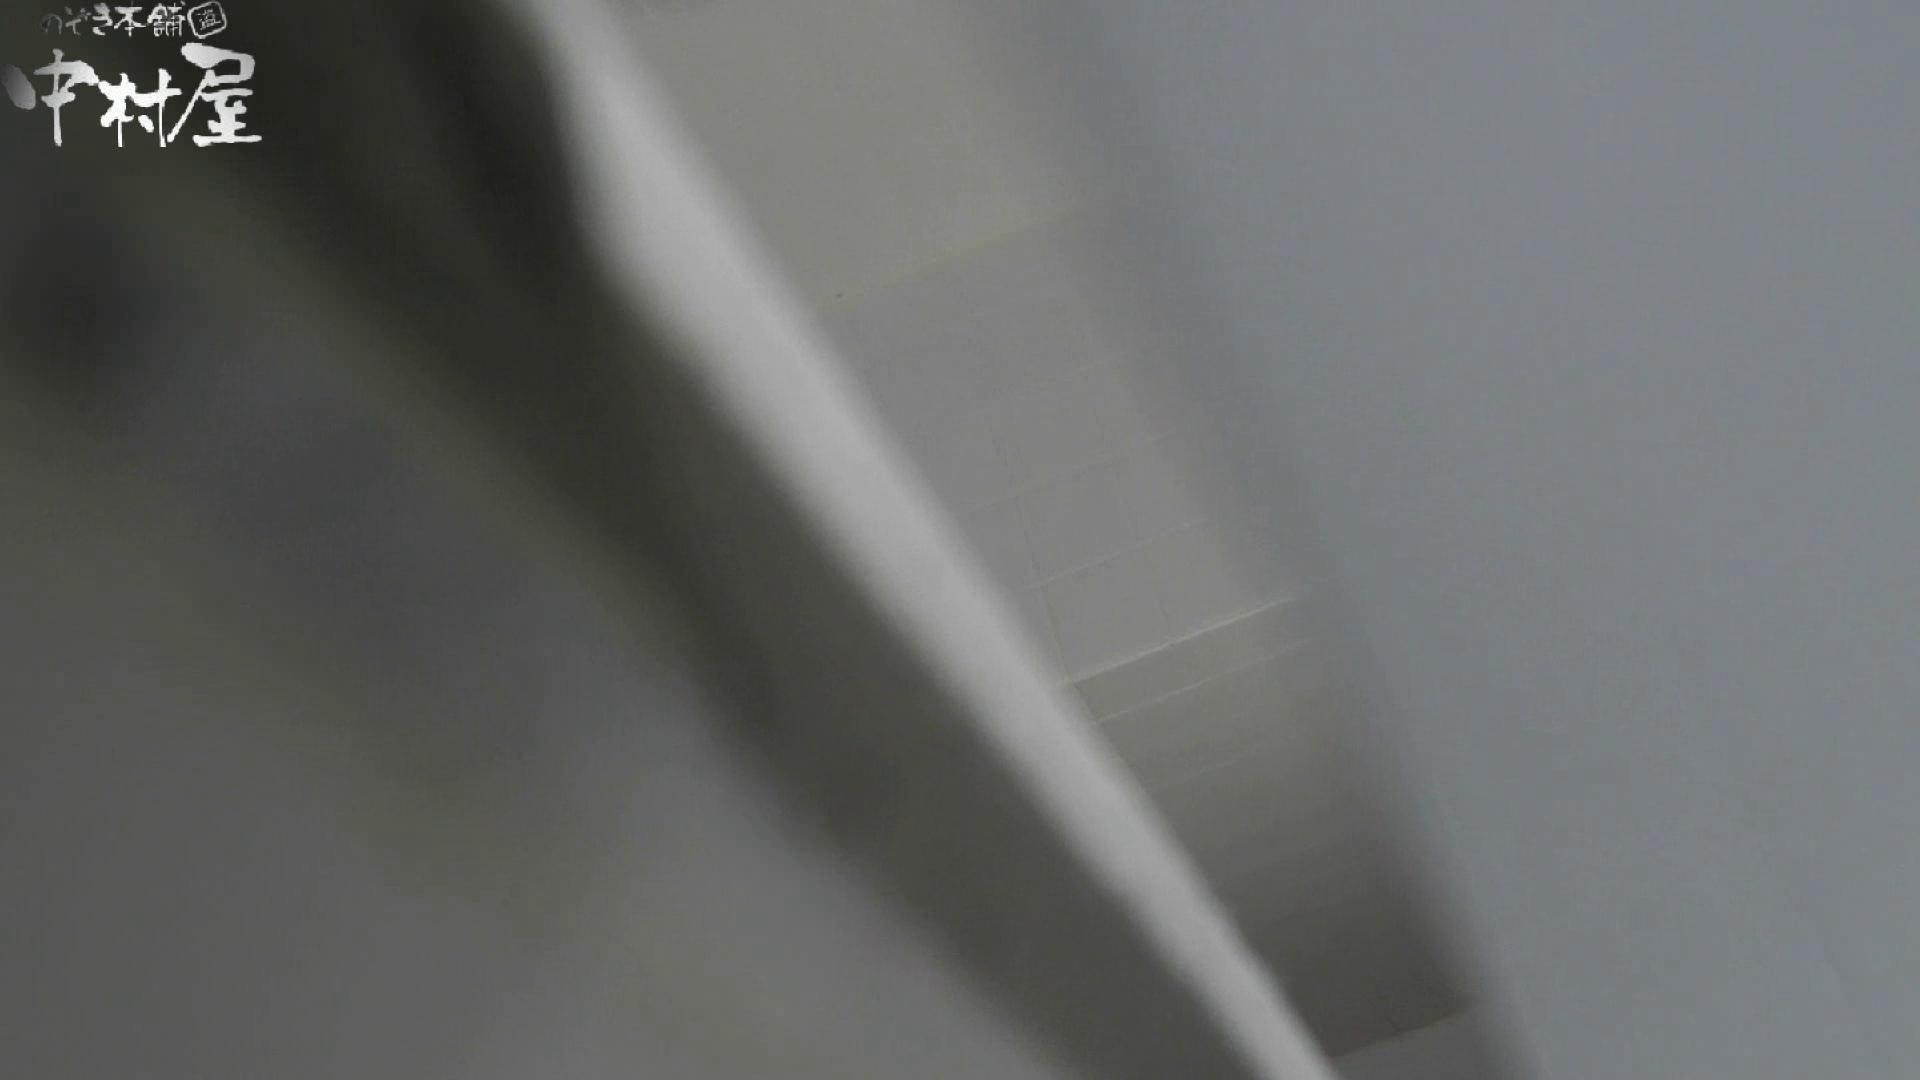 【お銀さんの「洗面所突入レポート!!」】お銀さんの「洗面所突入レポート!!」 vol.29 ∑(゚Д゚)アッ! 洗面所 | 0  9枚 7